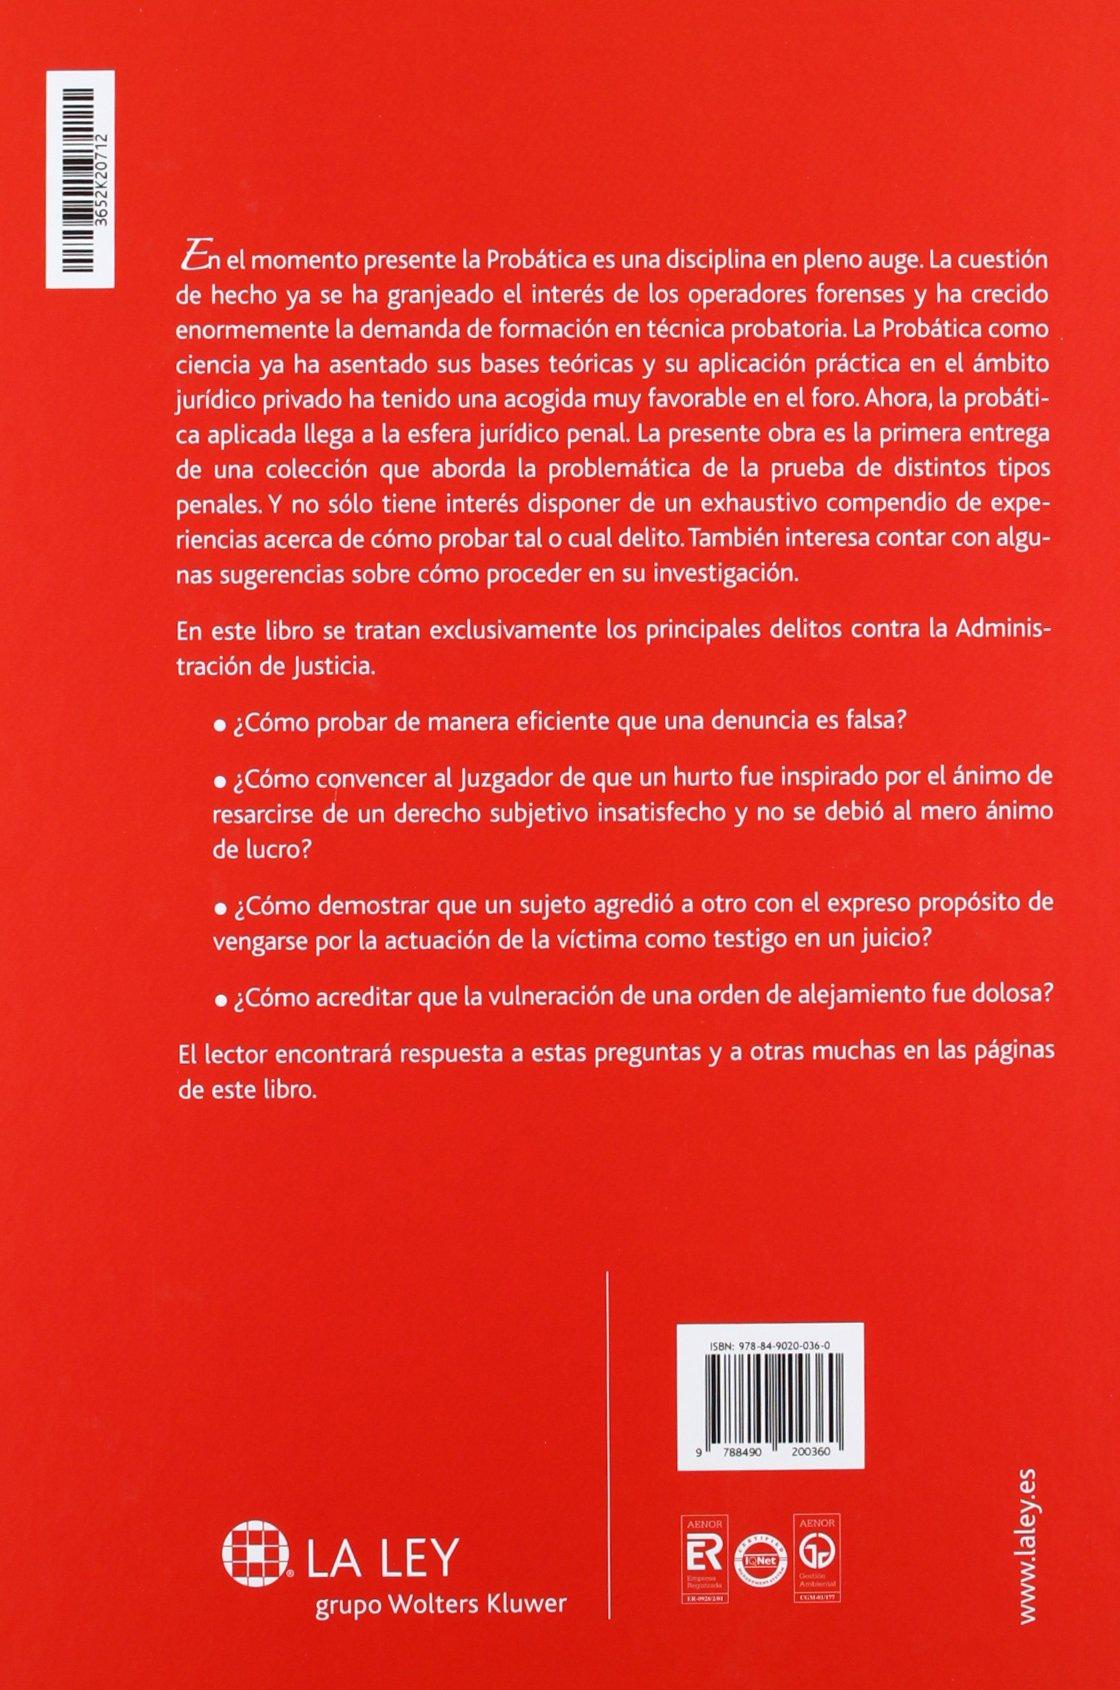 Probática penal I. La prueba de los delitos contra la Administración de Justicia: 1 Claves La Ley: Amazon.es: Carlos De Miranda Vázquez, ...